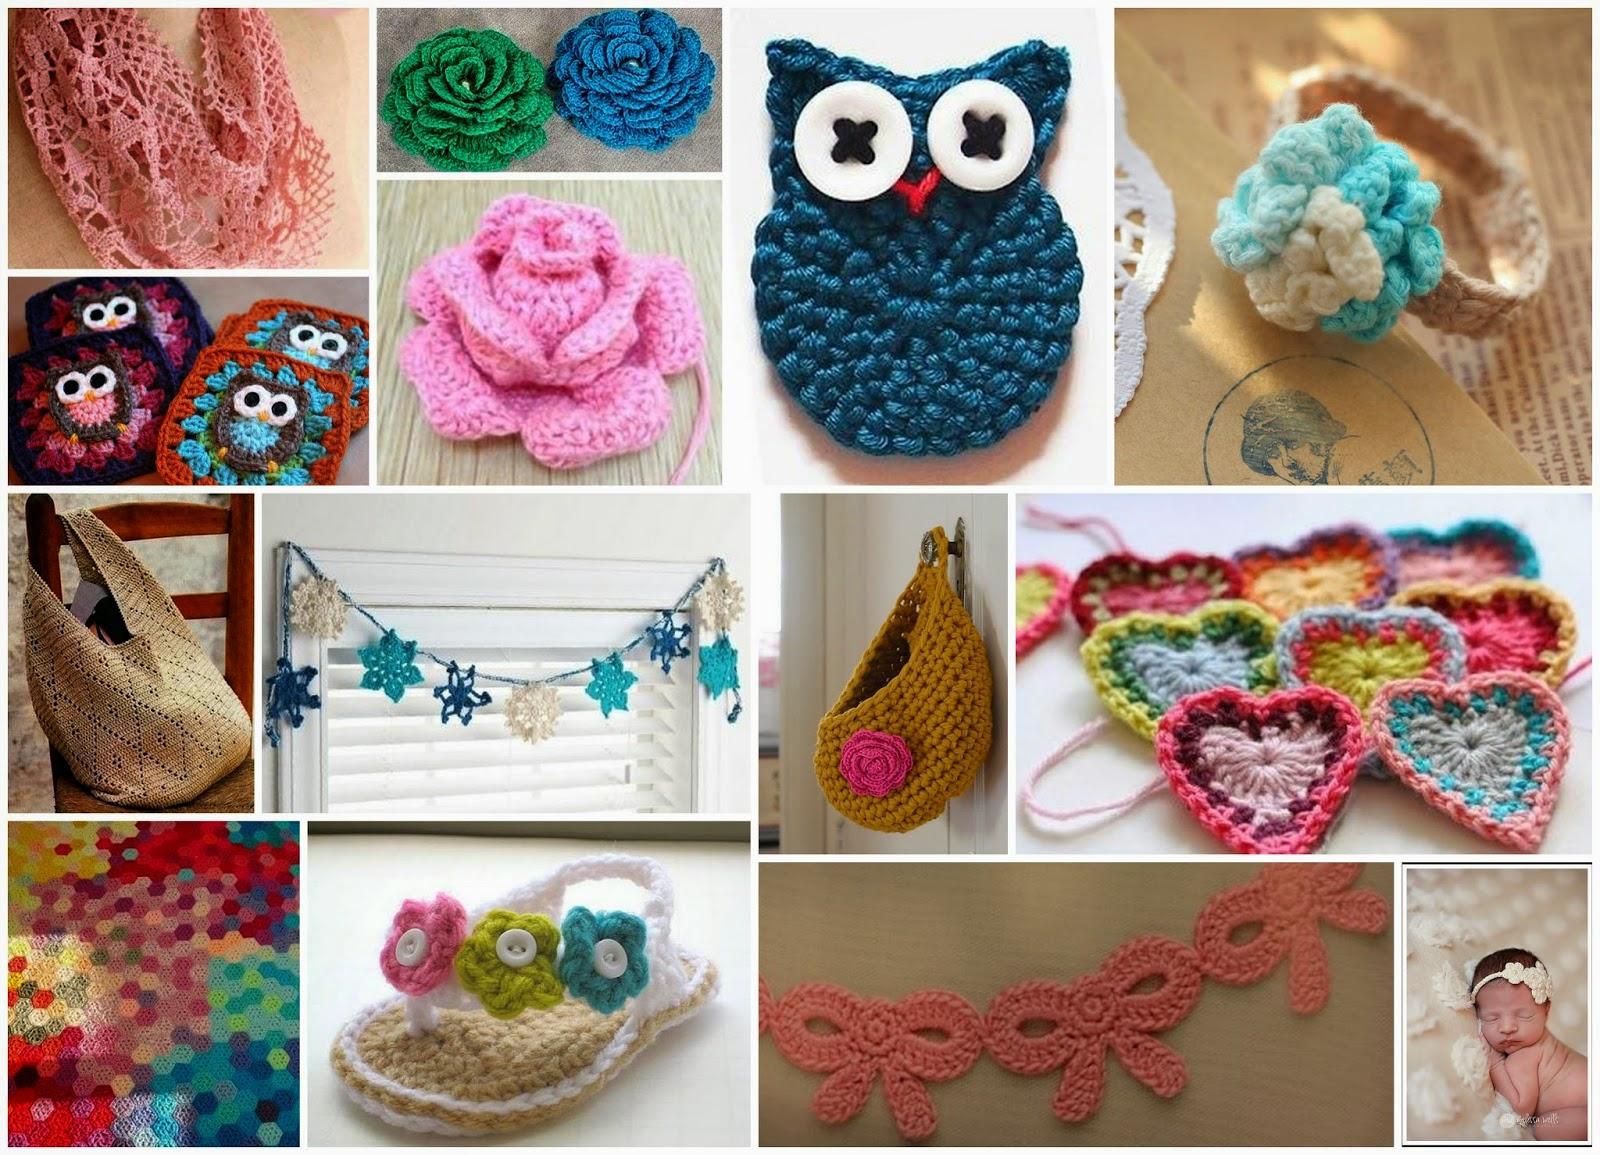 Crochet patterns – szydełkowe wzory i inspiracje.